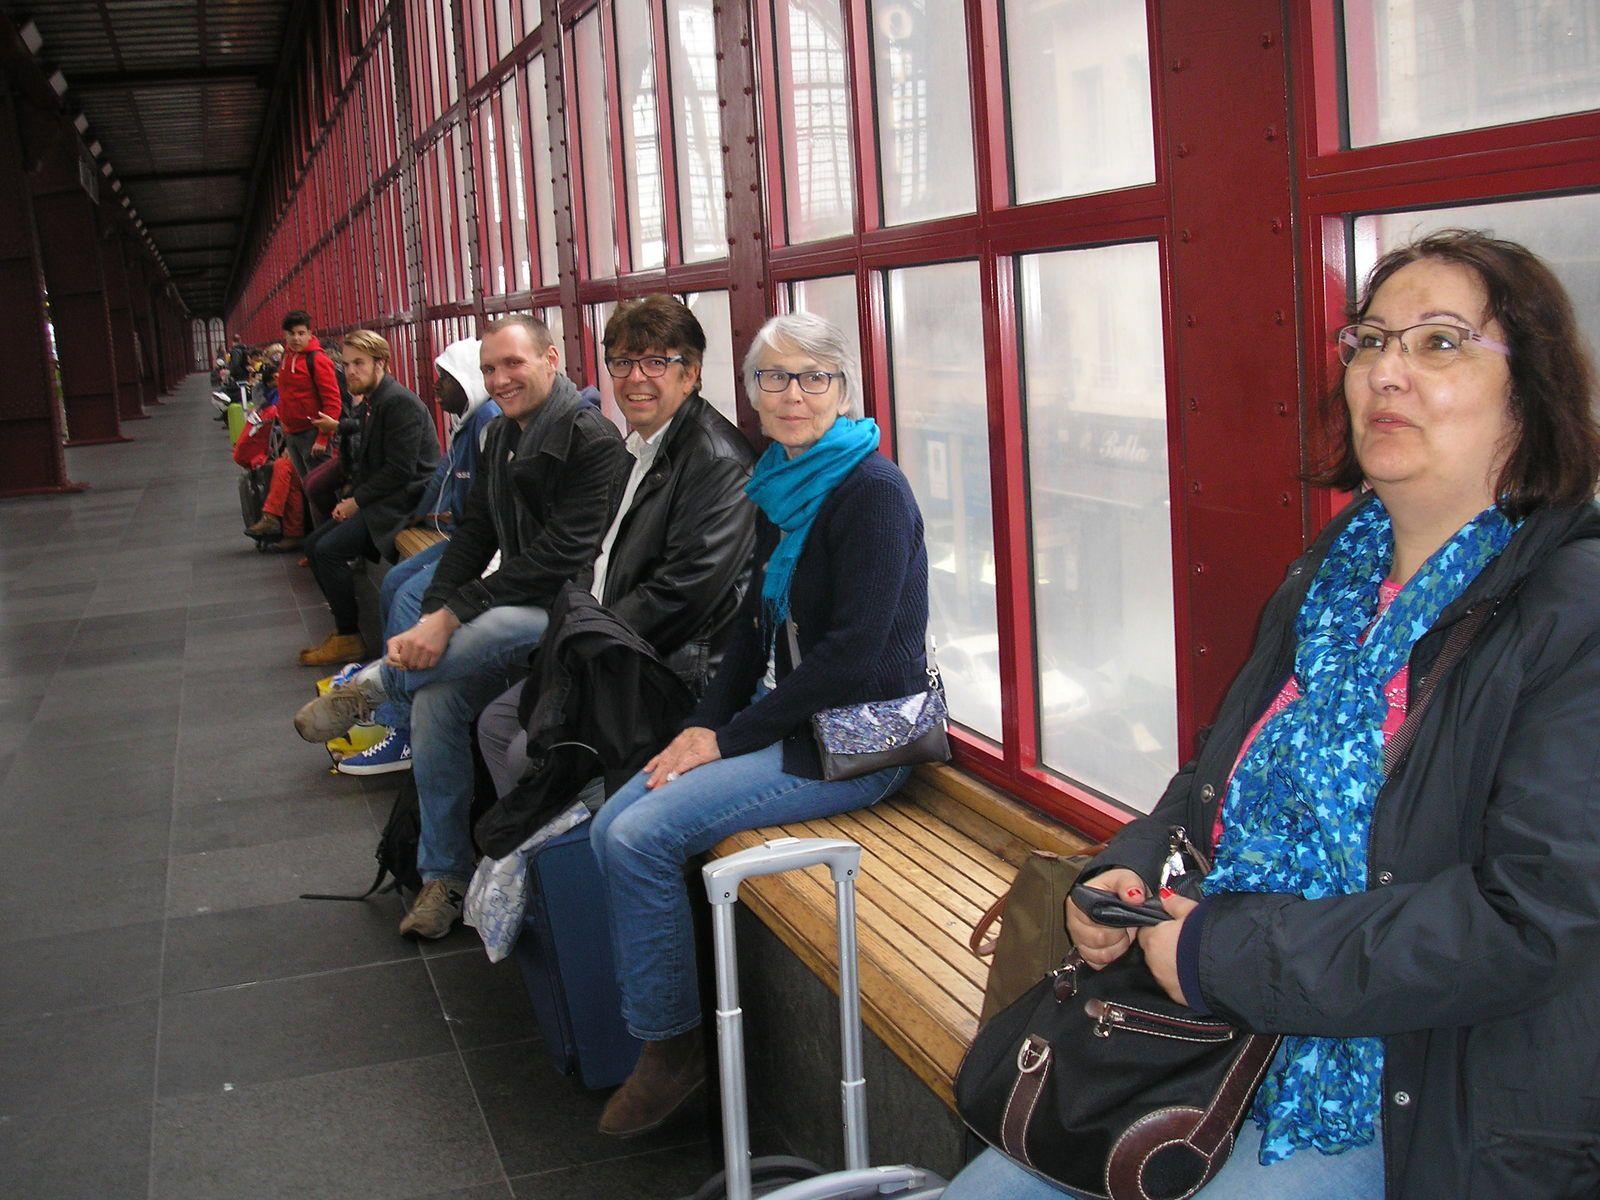 En attendant le train pour rentrer